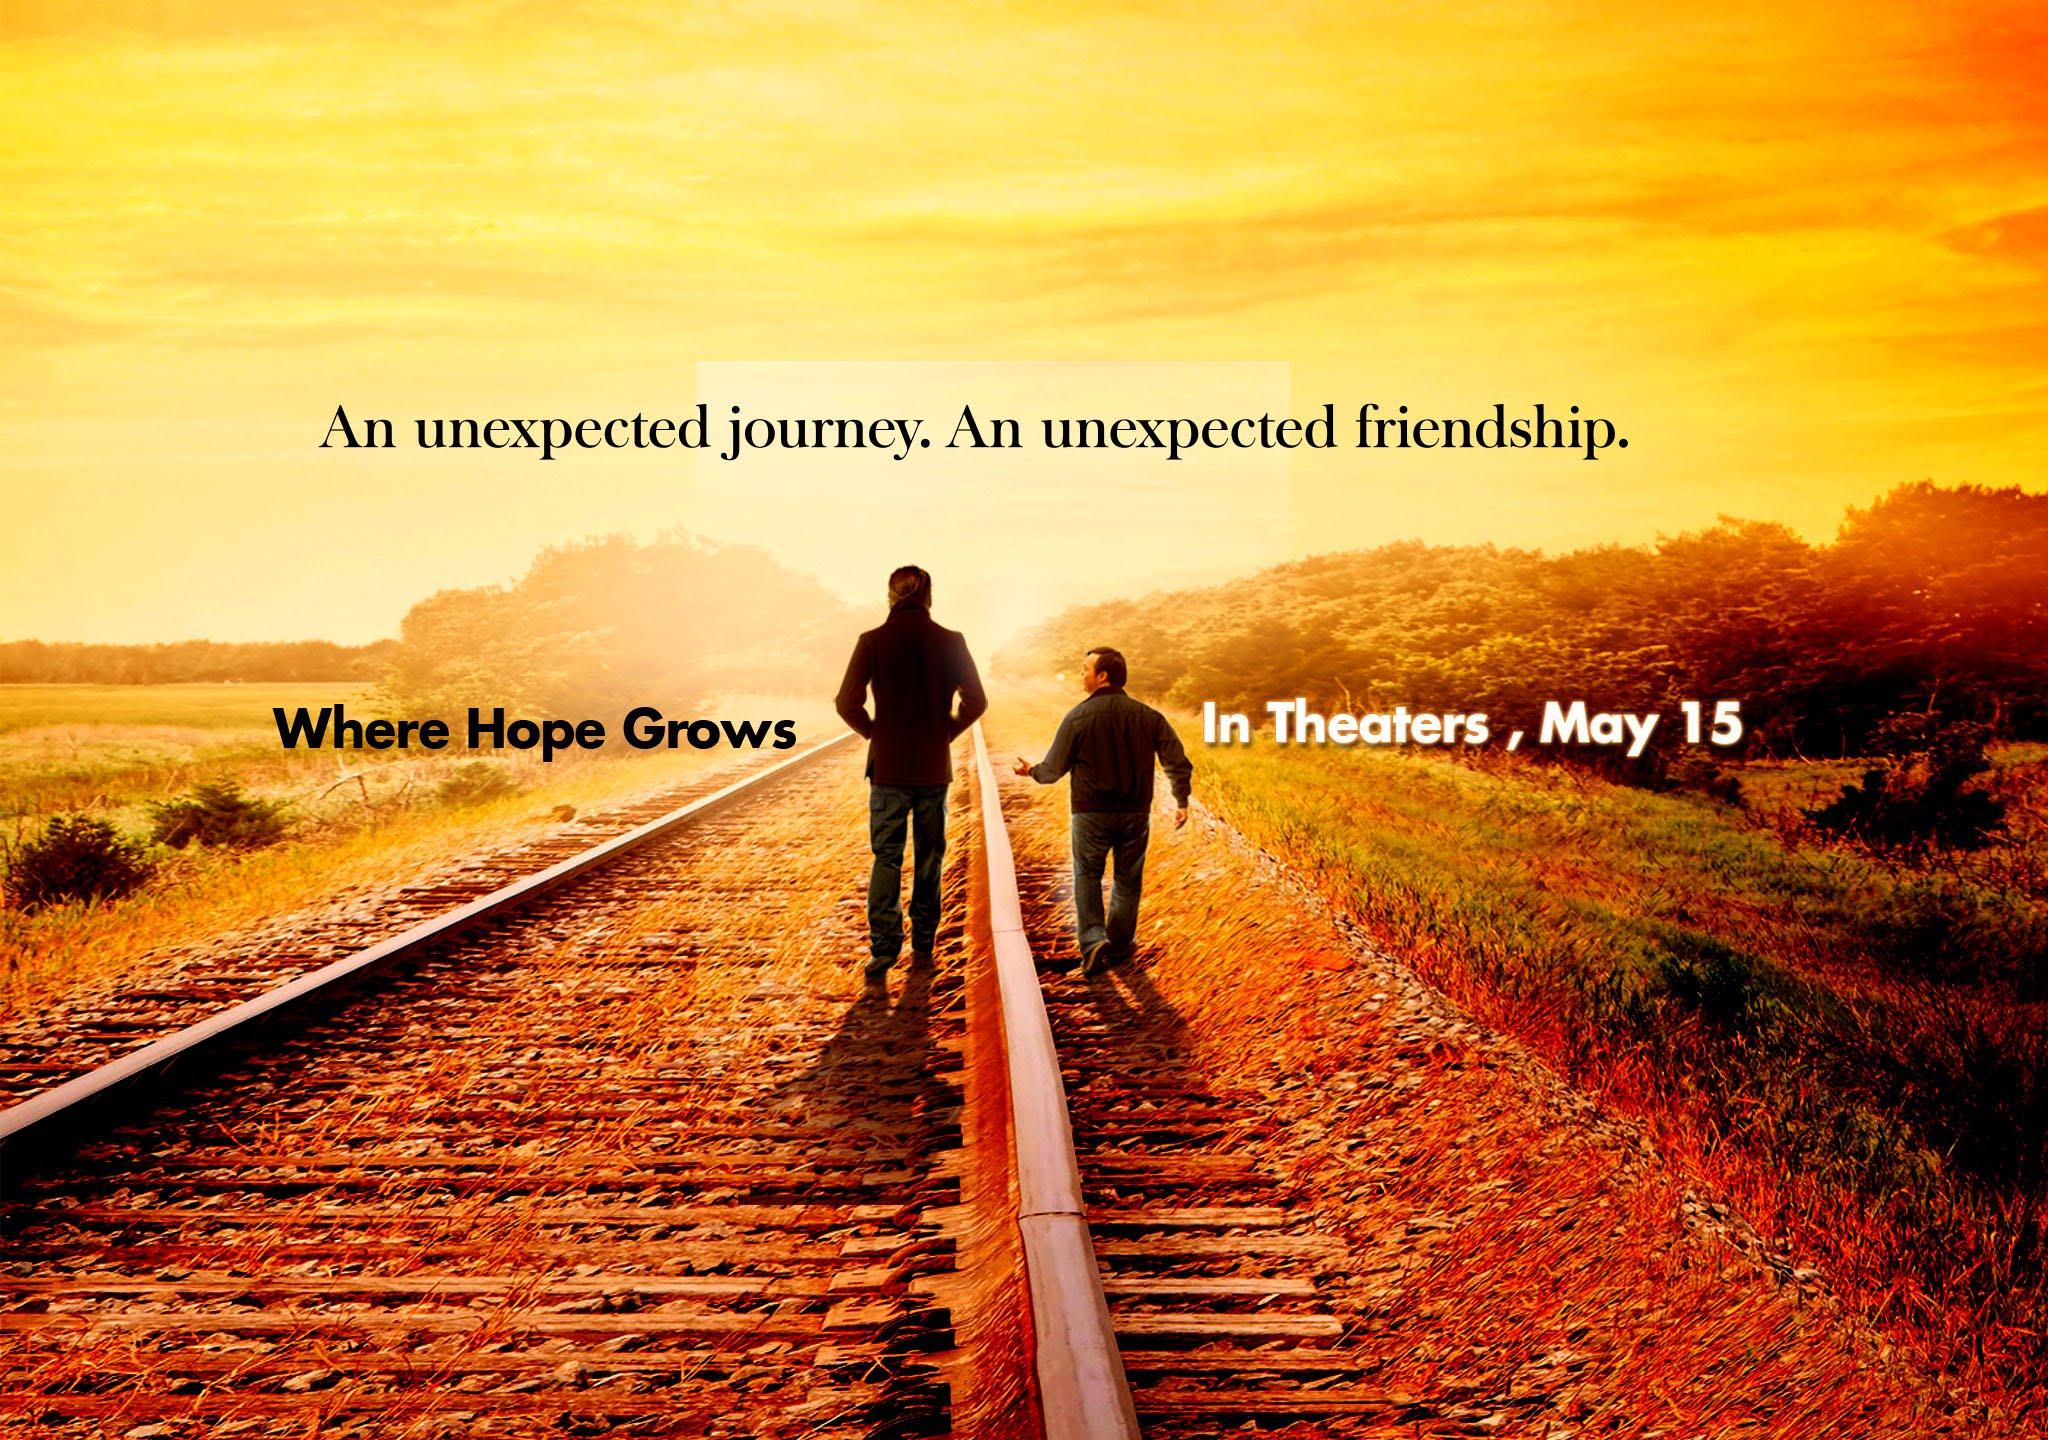 Hope, Faith and Love: Where Hope Grows